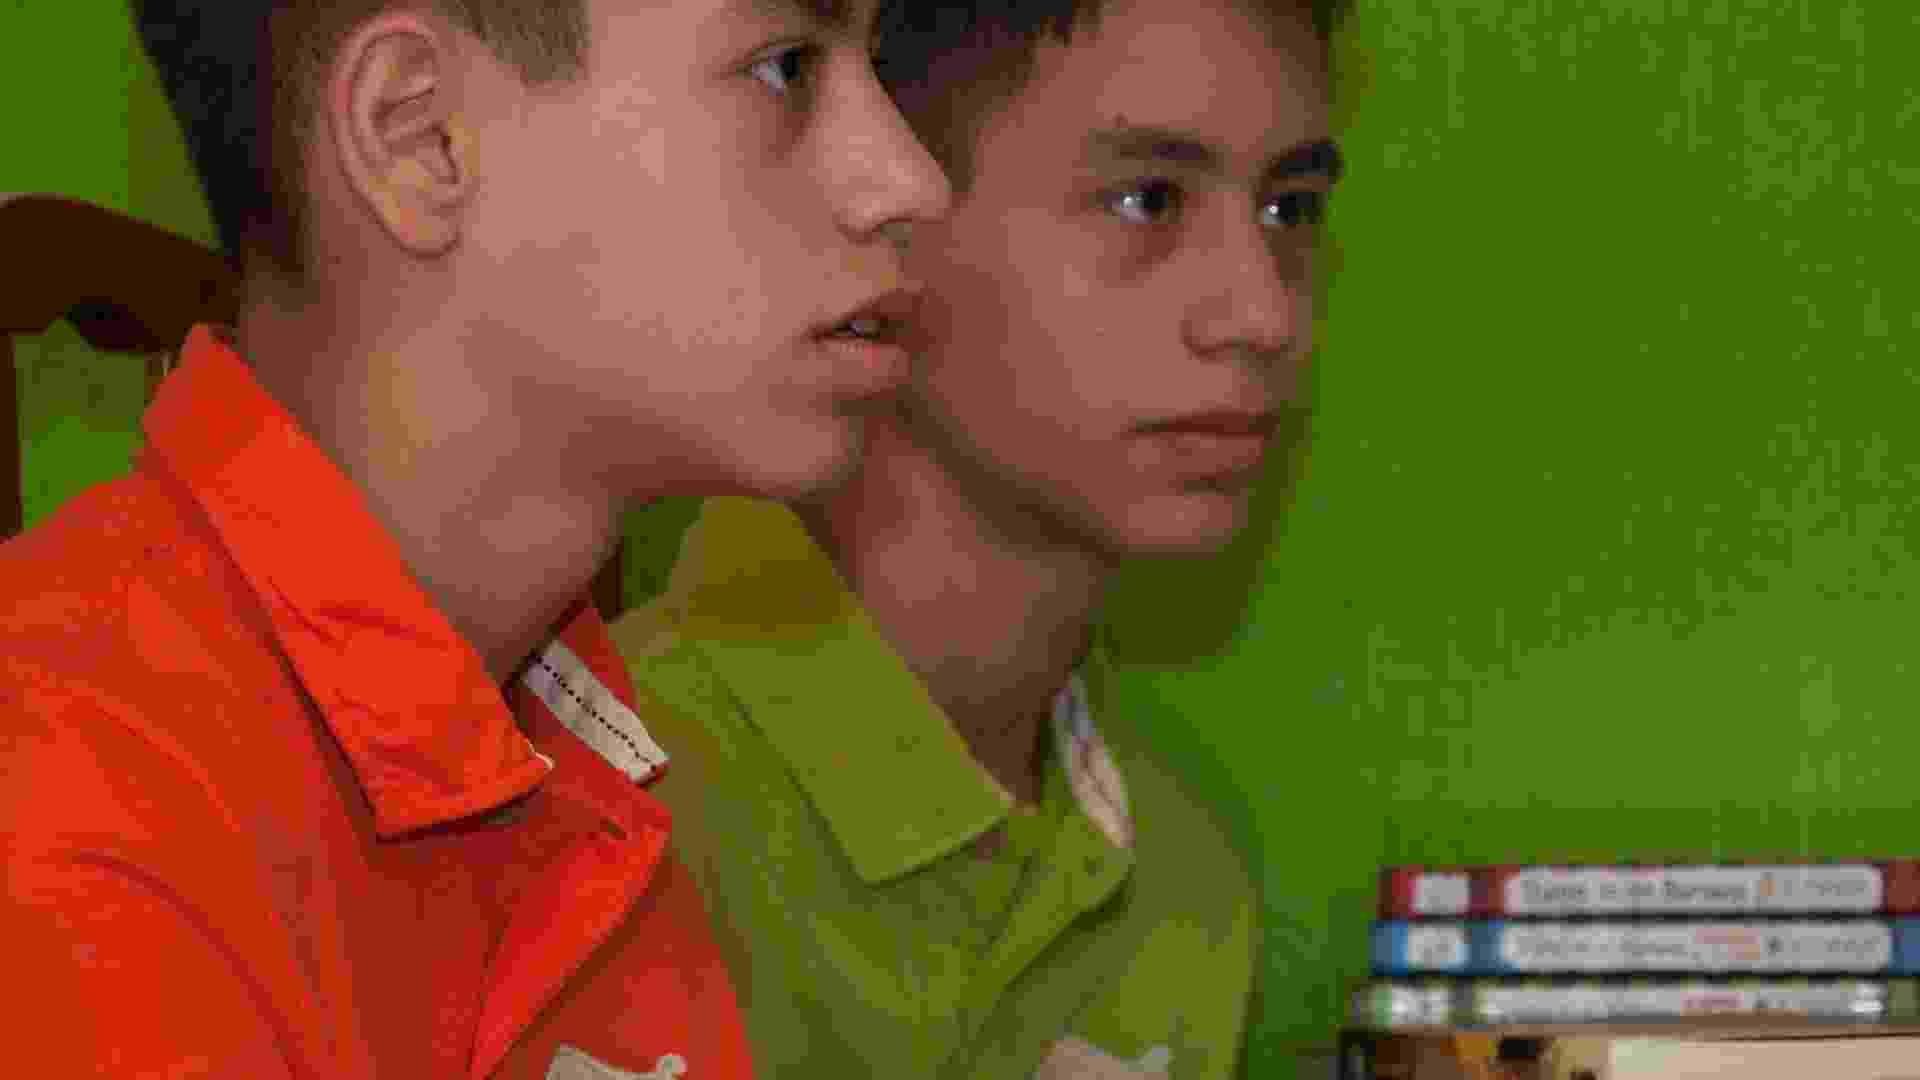 Os gêmeos Brendon (laranja) e Bryan (verde) são campeões olímpicos de matemática; Bryan ficou em primeiro lugar no Brasil no 1º nível (6º e 7º anos) e Brendon, em 14º - Nede Losina/UOL